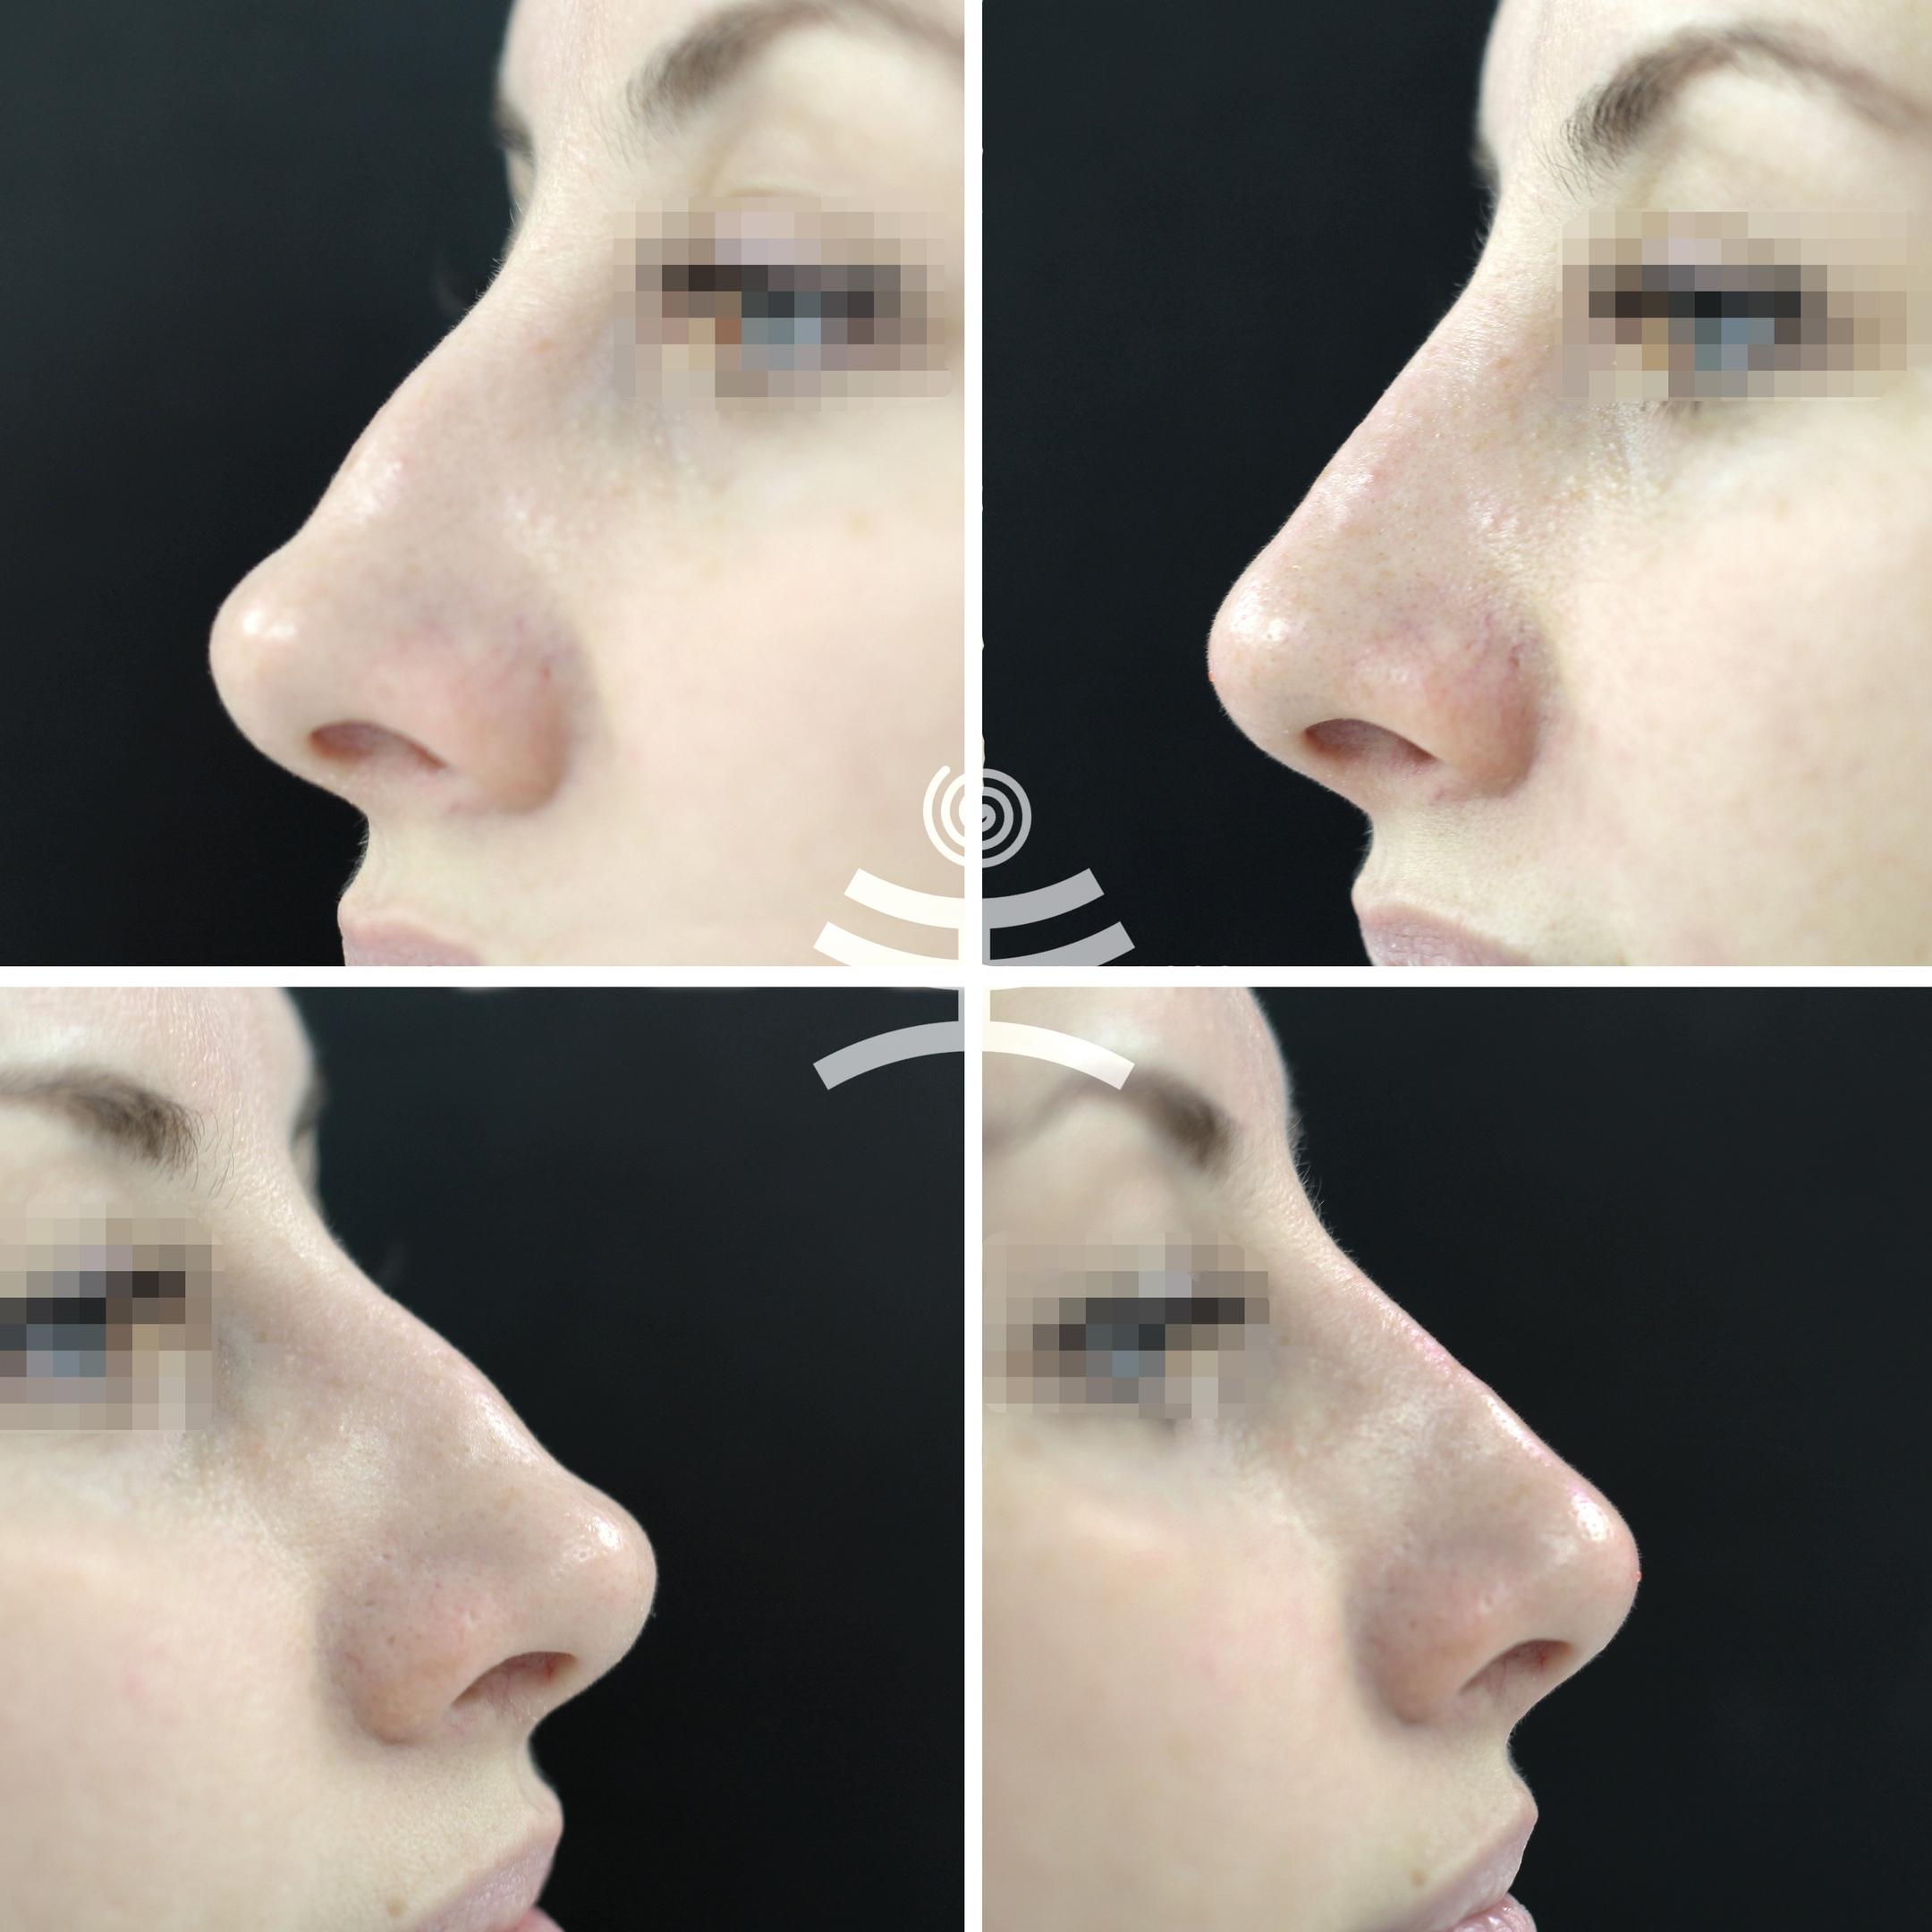 бесплатные пластика носа филлерами фото евразийский союз